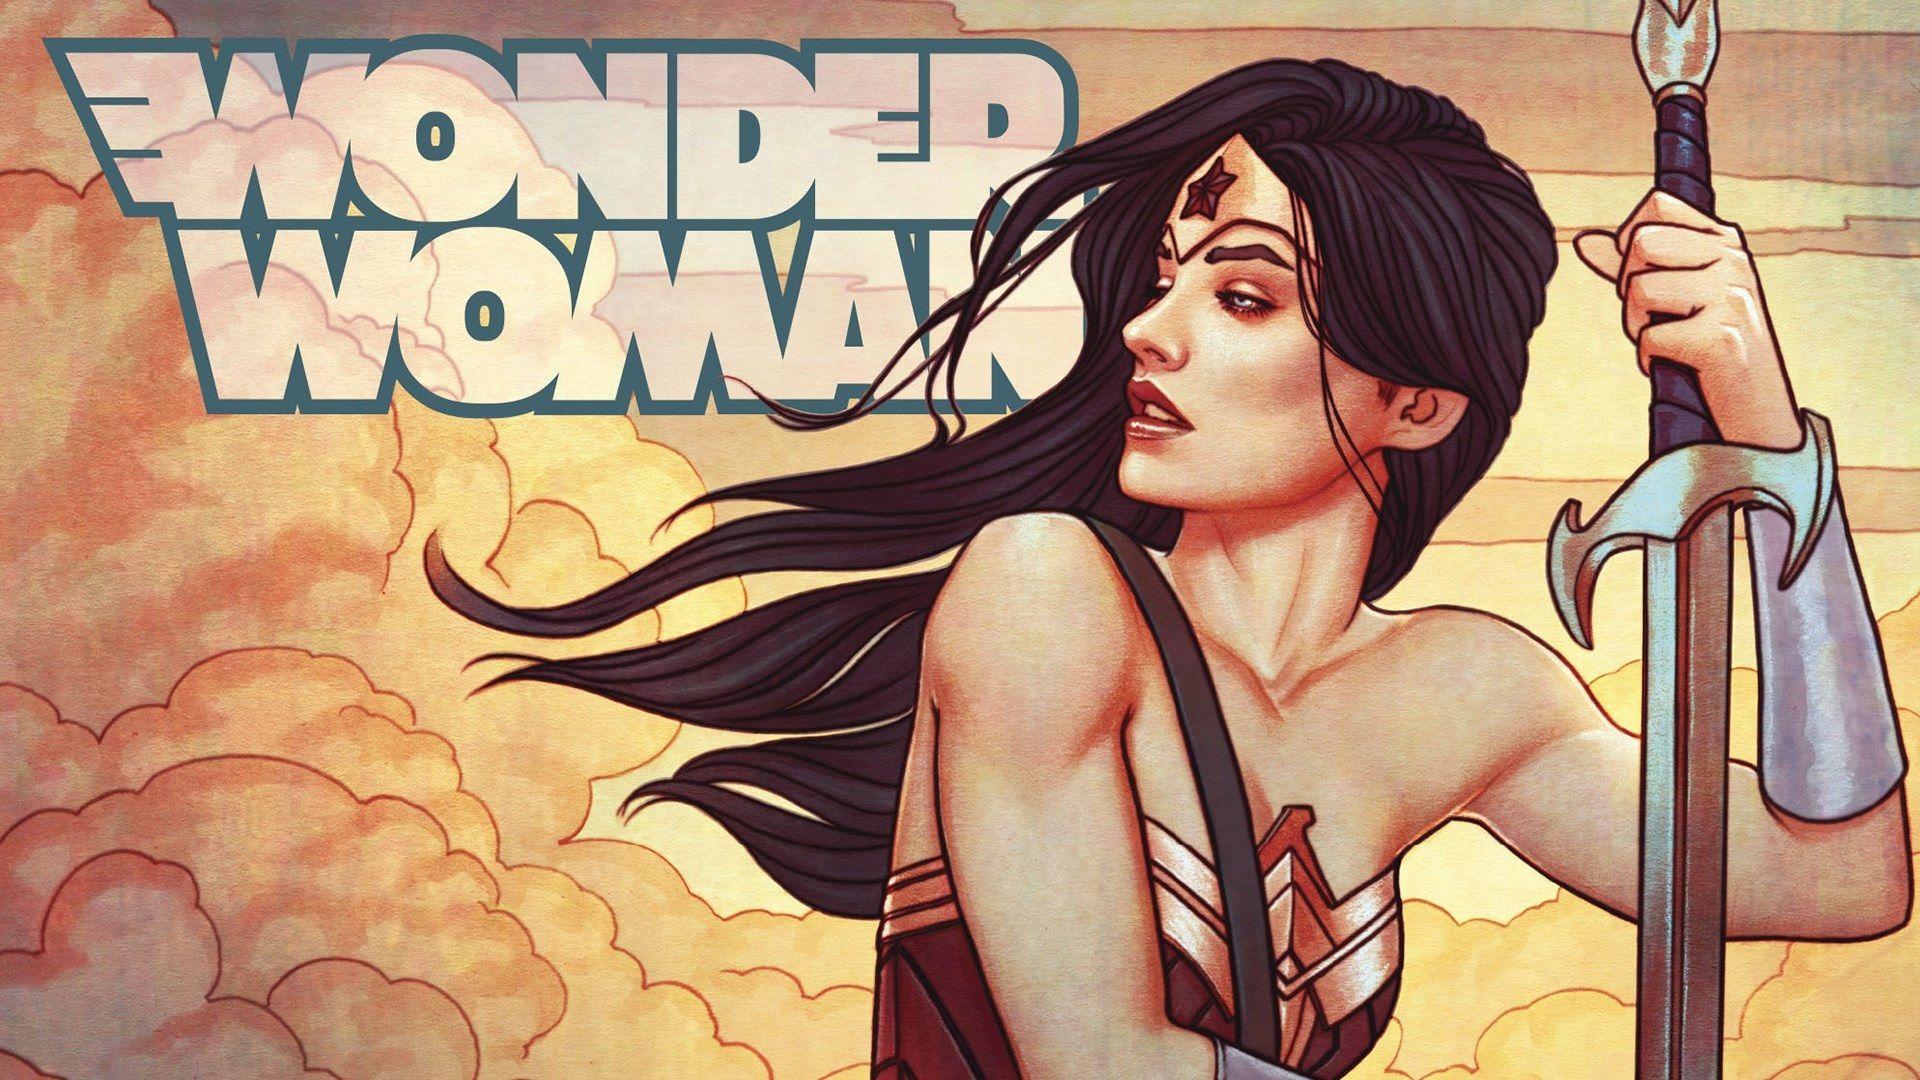 1920x1080 Wonder Woman Mac Background Wallpaper Dc Comics Wallpaper Book Wallpaper Wonder Book